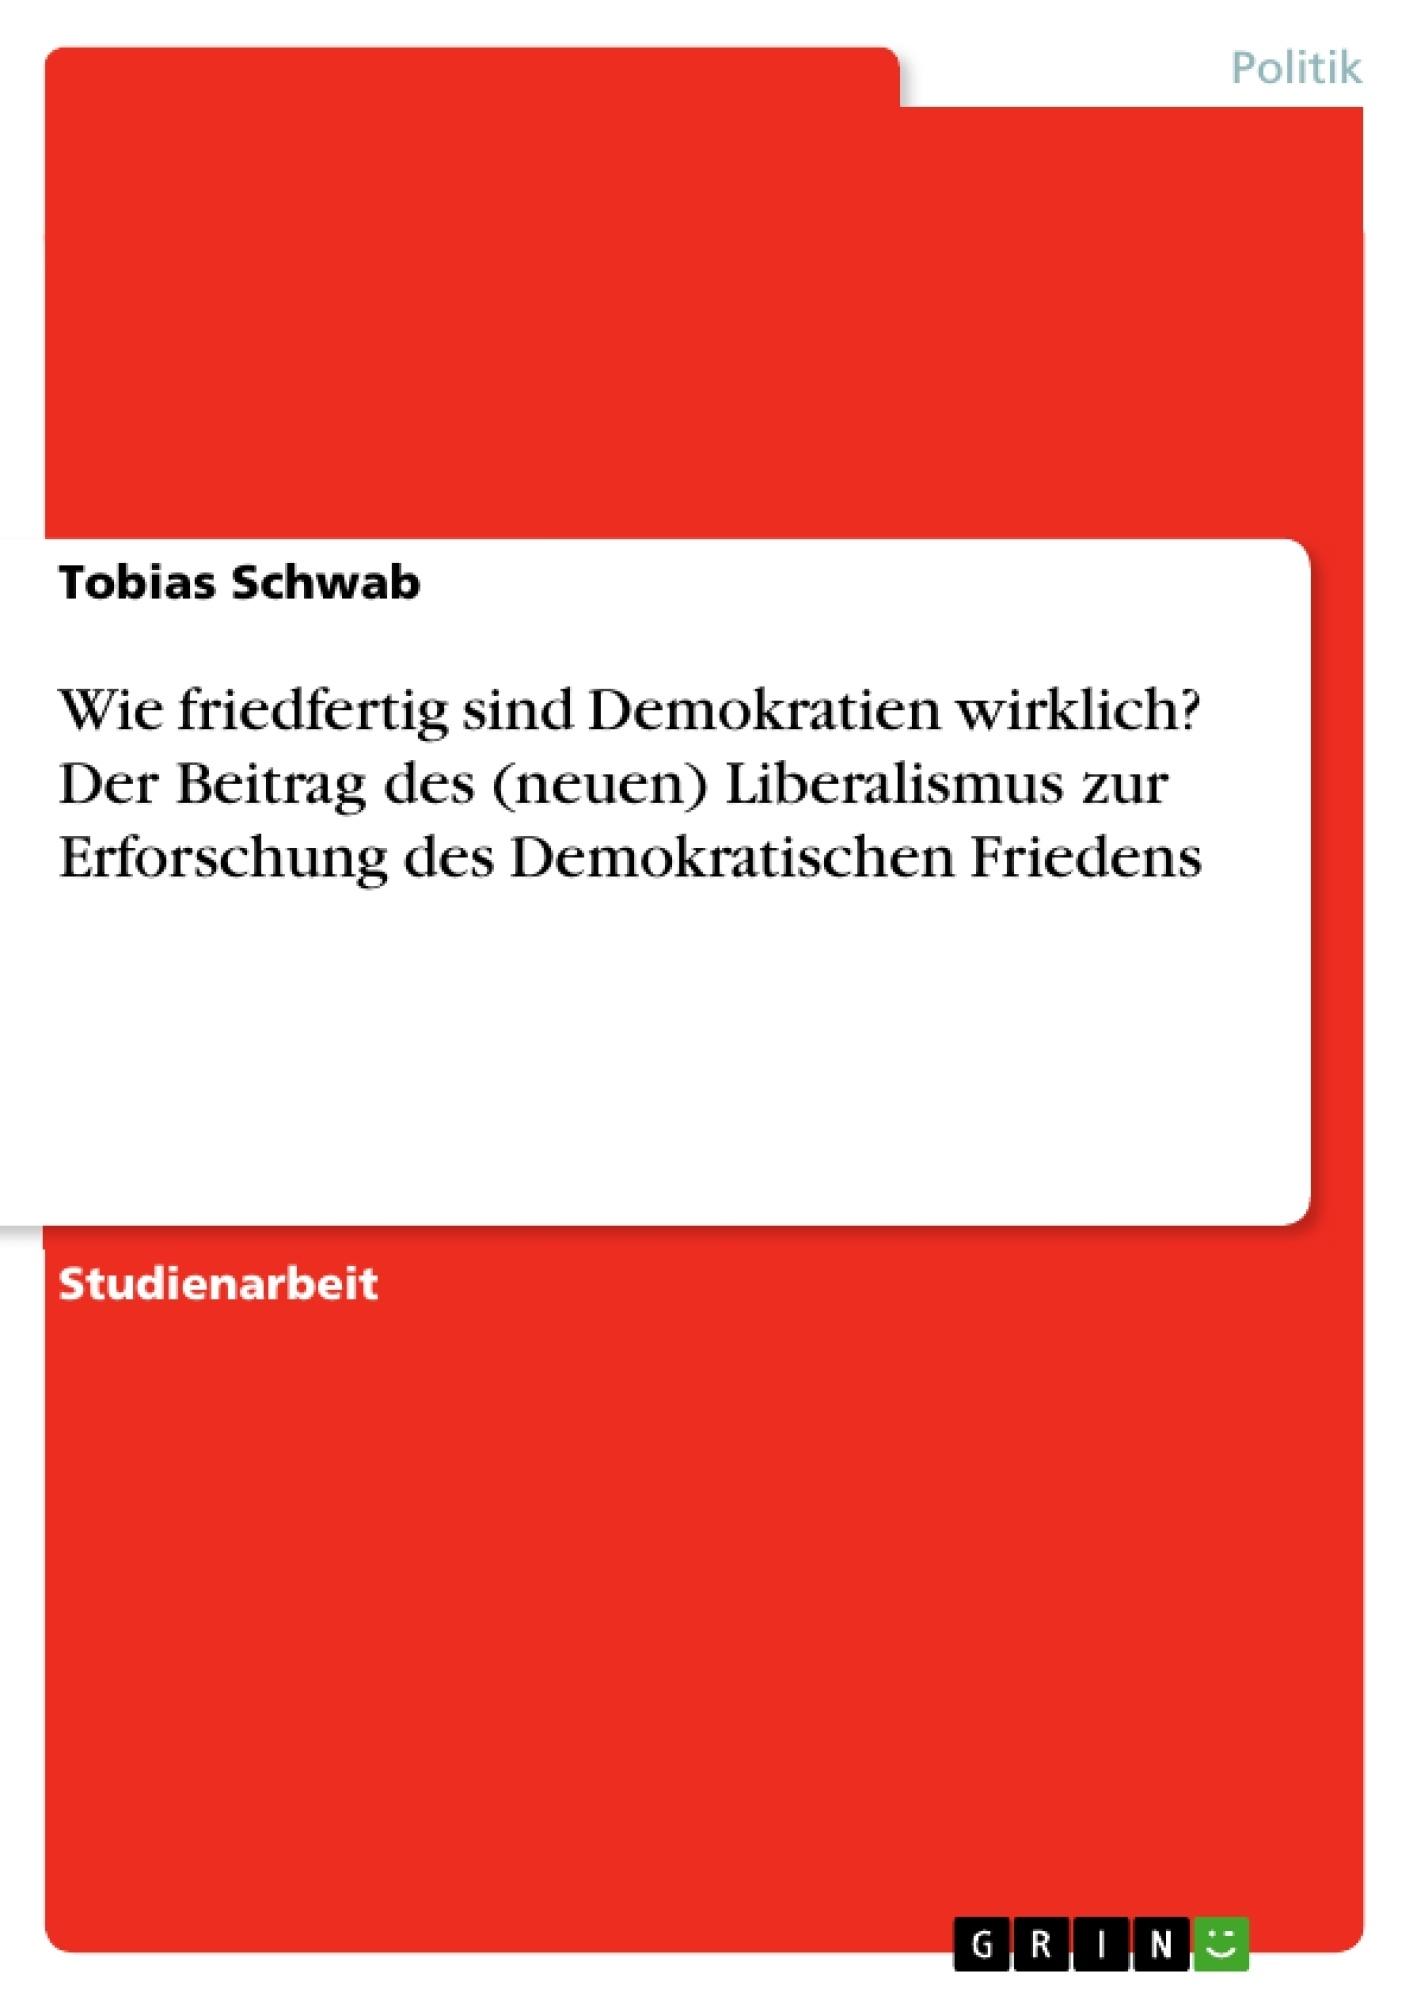 Titel: Wie friedfertig sind Demokratien wirklich? Der Beitrag des (neuen) Liberalismus zur Erforschung des Demokratischen Friedens